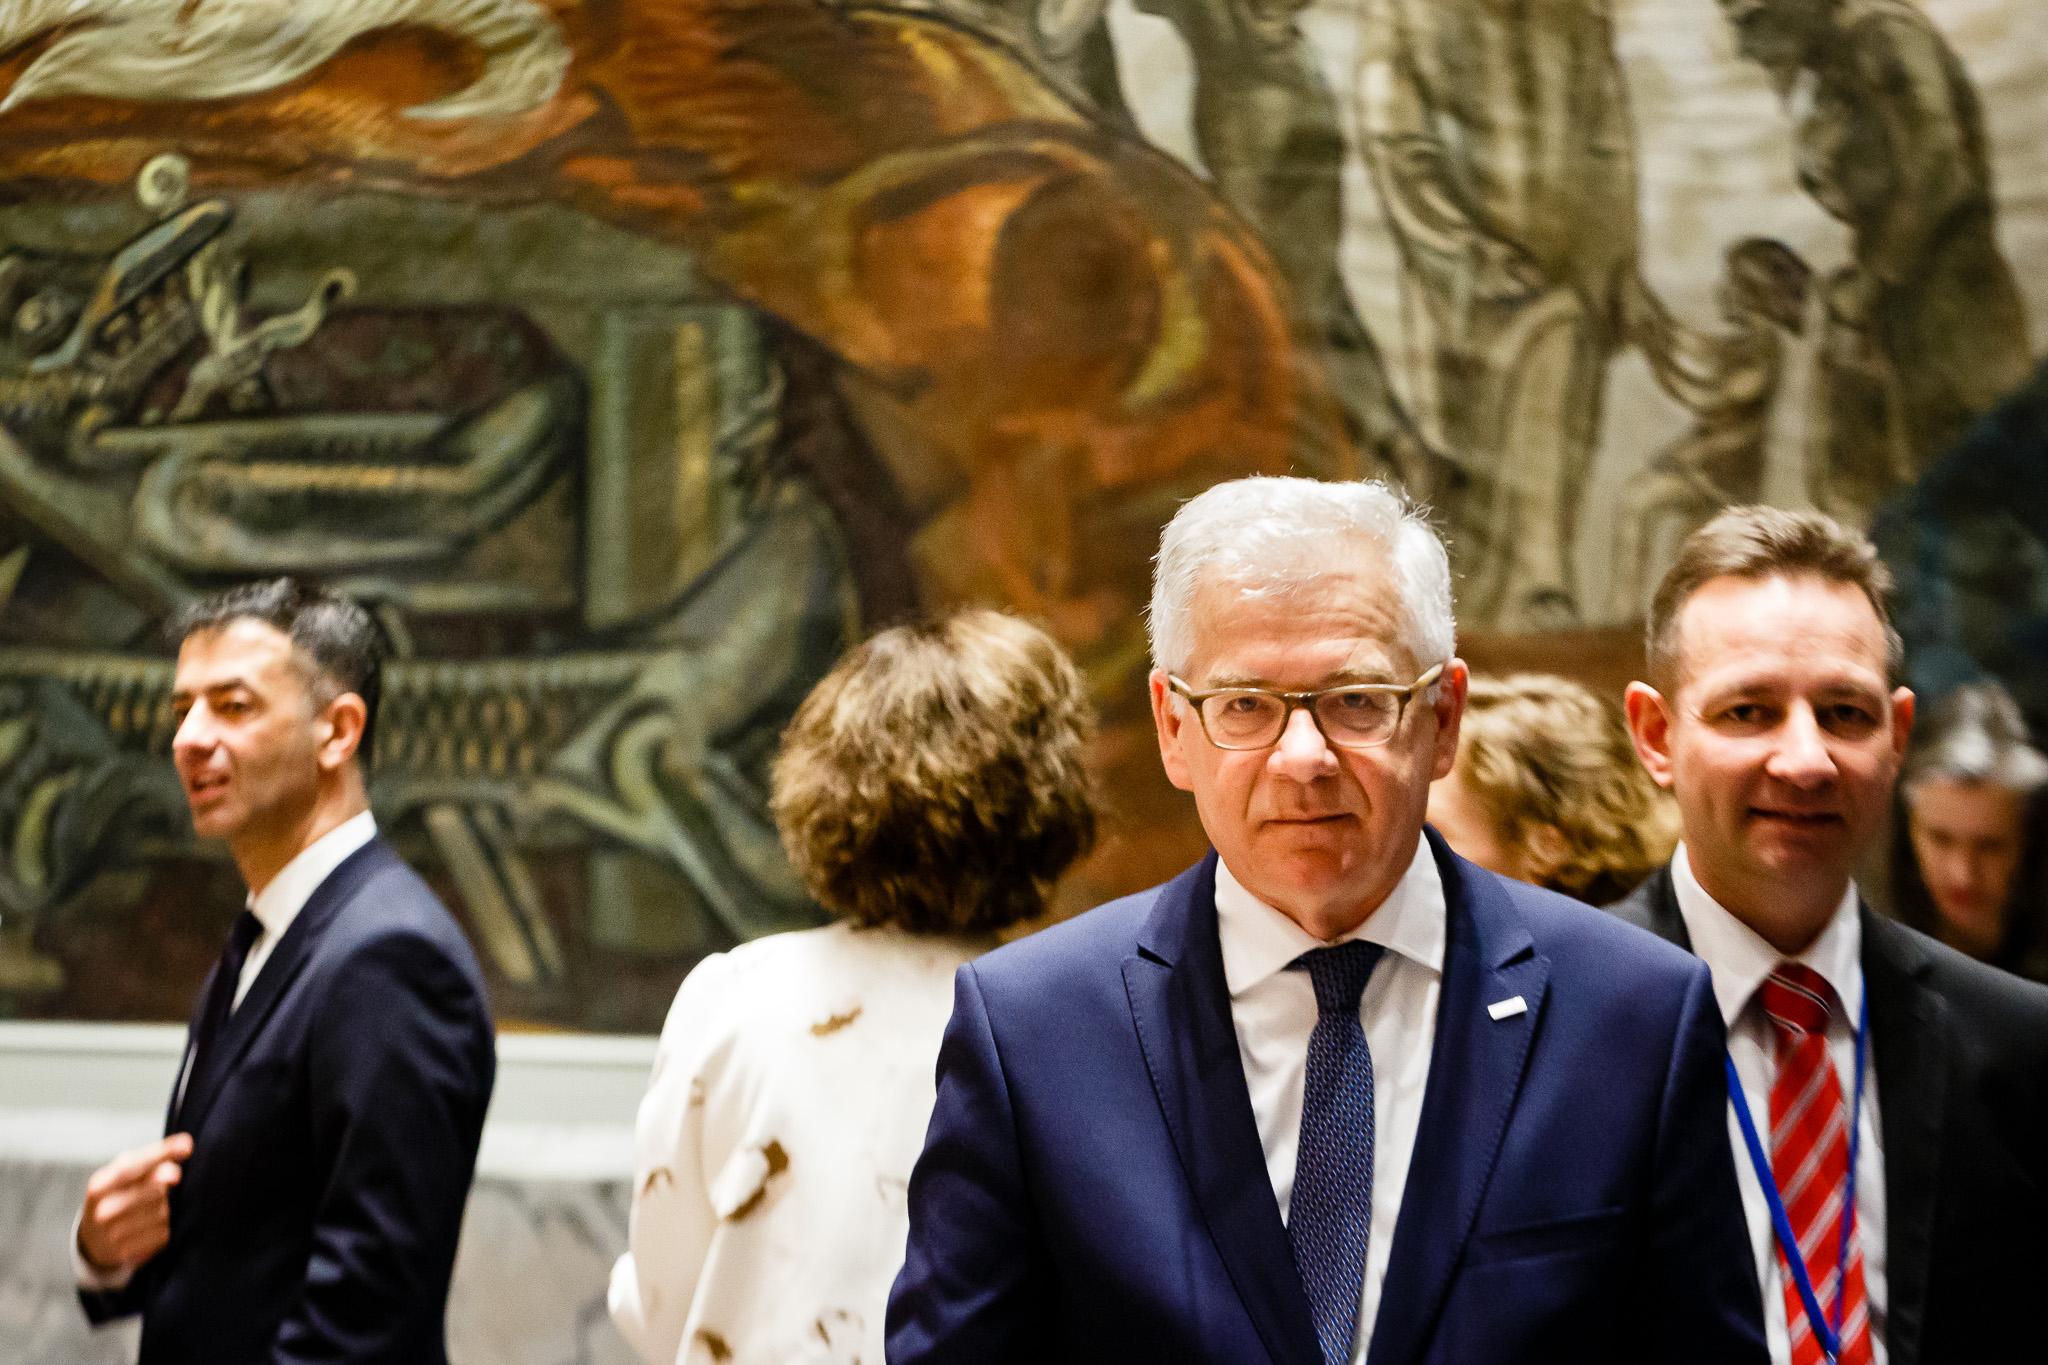 Czaputowicz: Pozycja międzynarodowa Polski wynika z silnej pozycji, jaką posiada ona w Europie